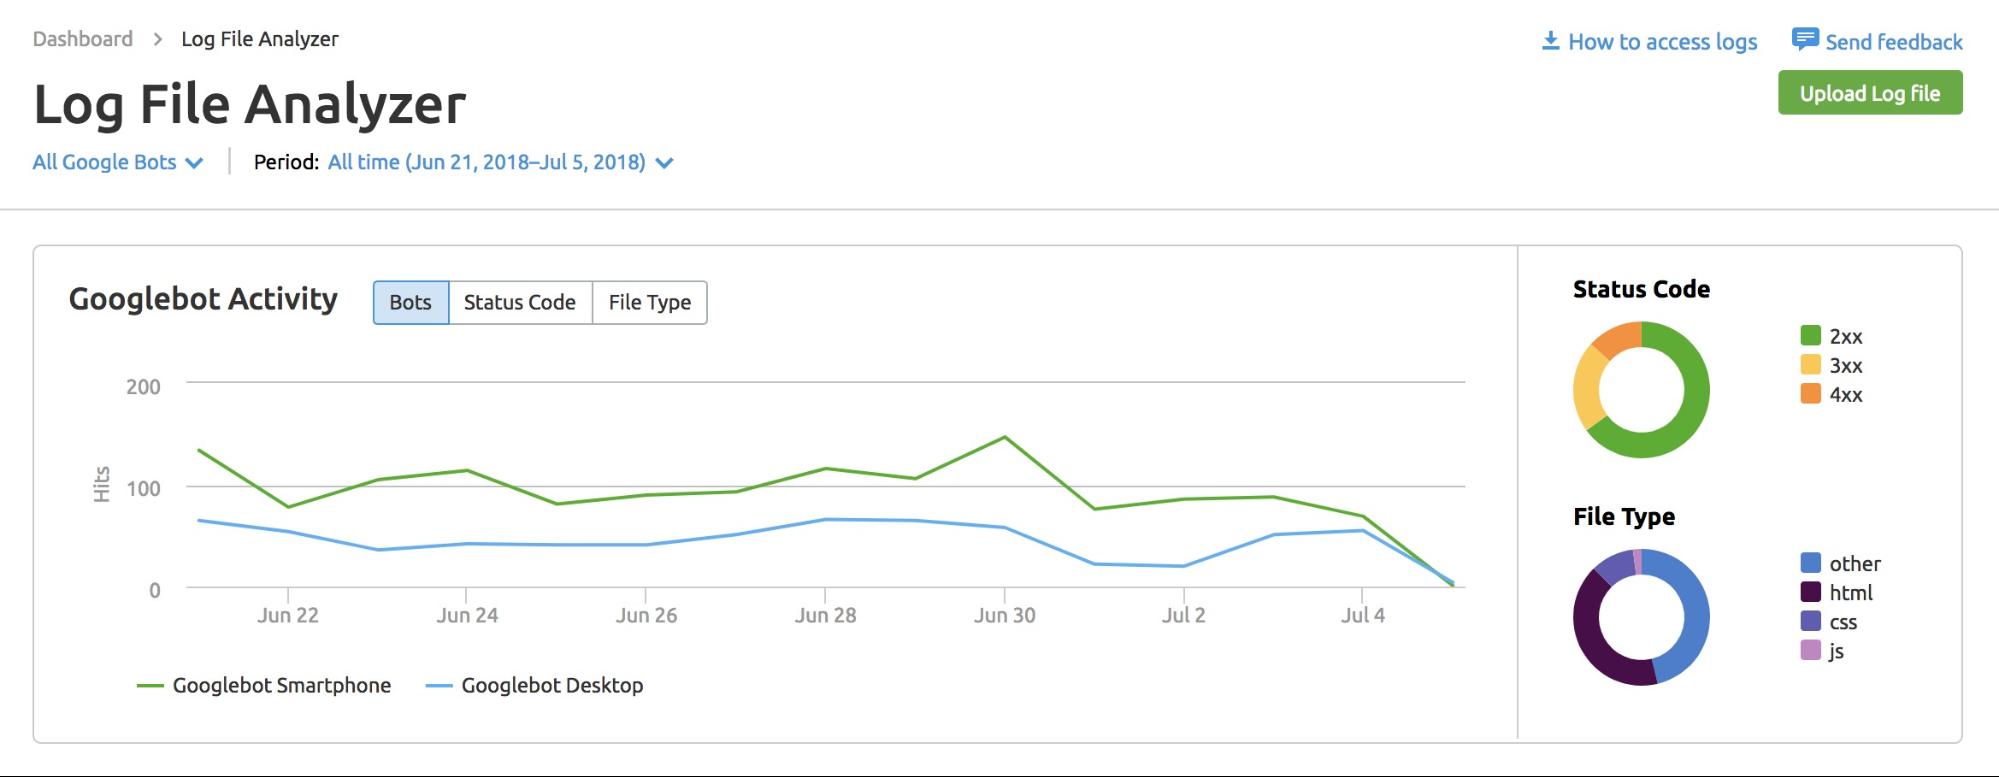 Mejores actualizaciones de SEMrush - Log flie analyzer